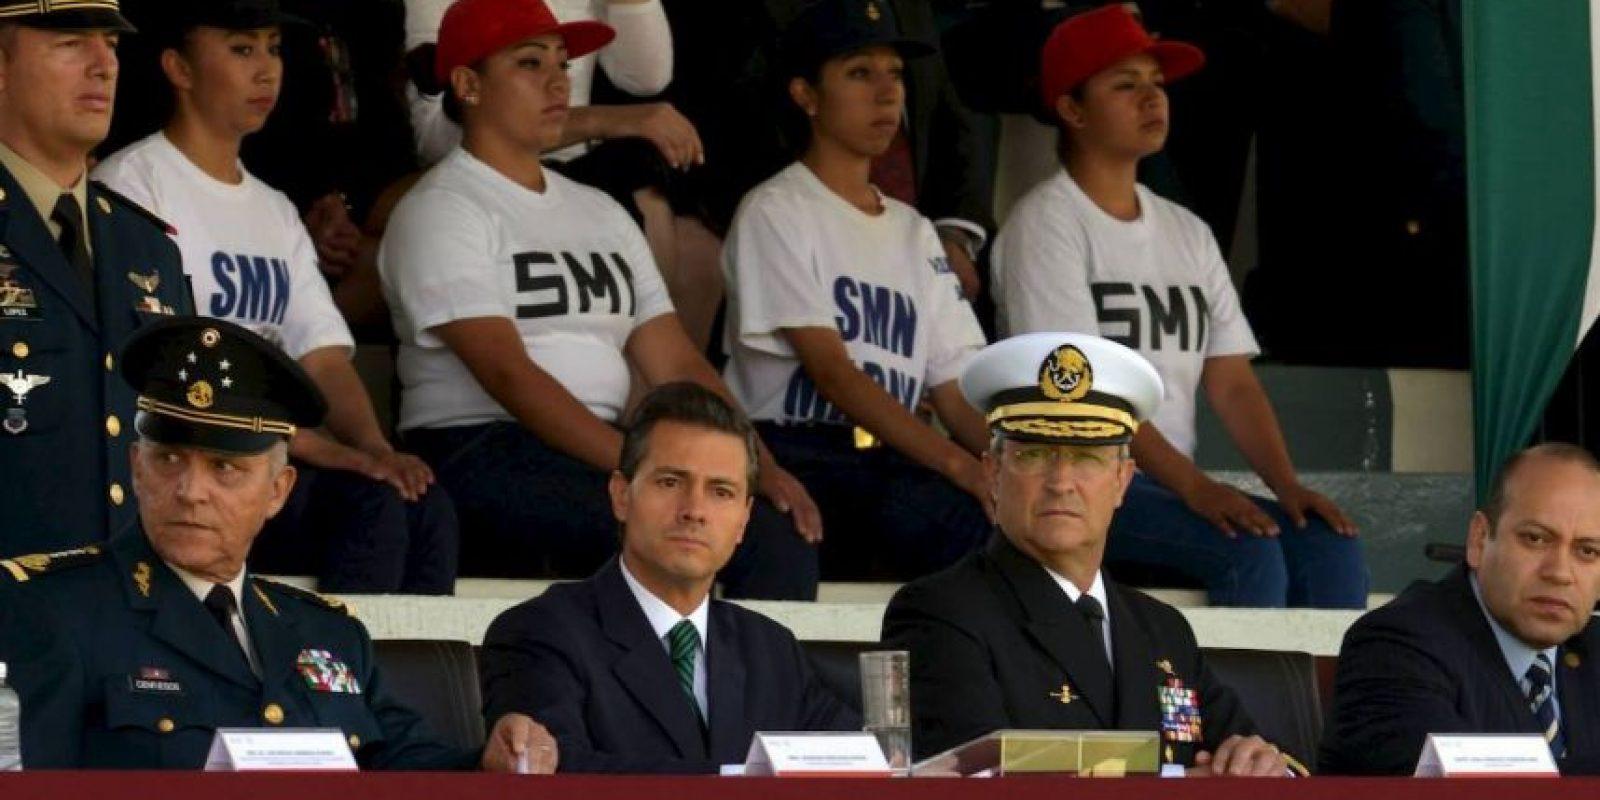 En la ceremonia tomó protesta de 972 soldados del Servicio Militar Nacional. Foto:Facebook.com/EnriquePN